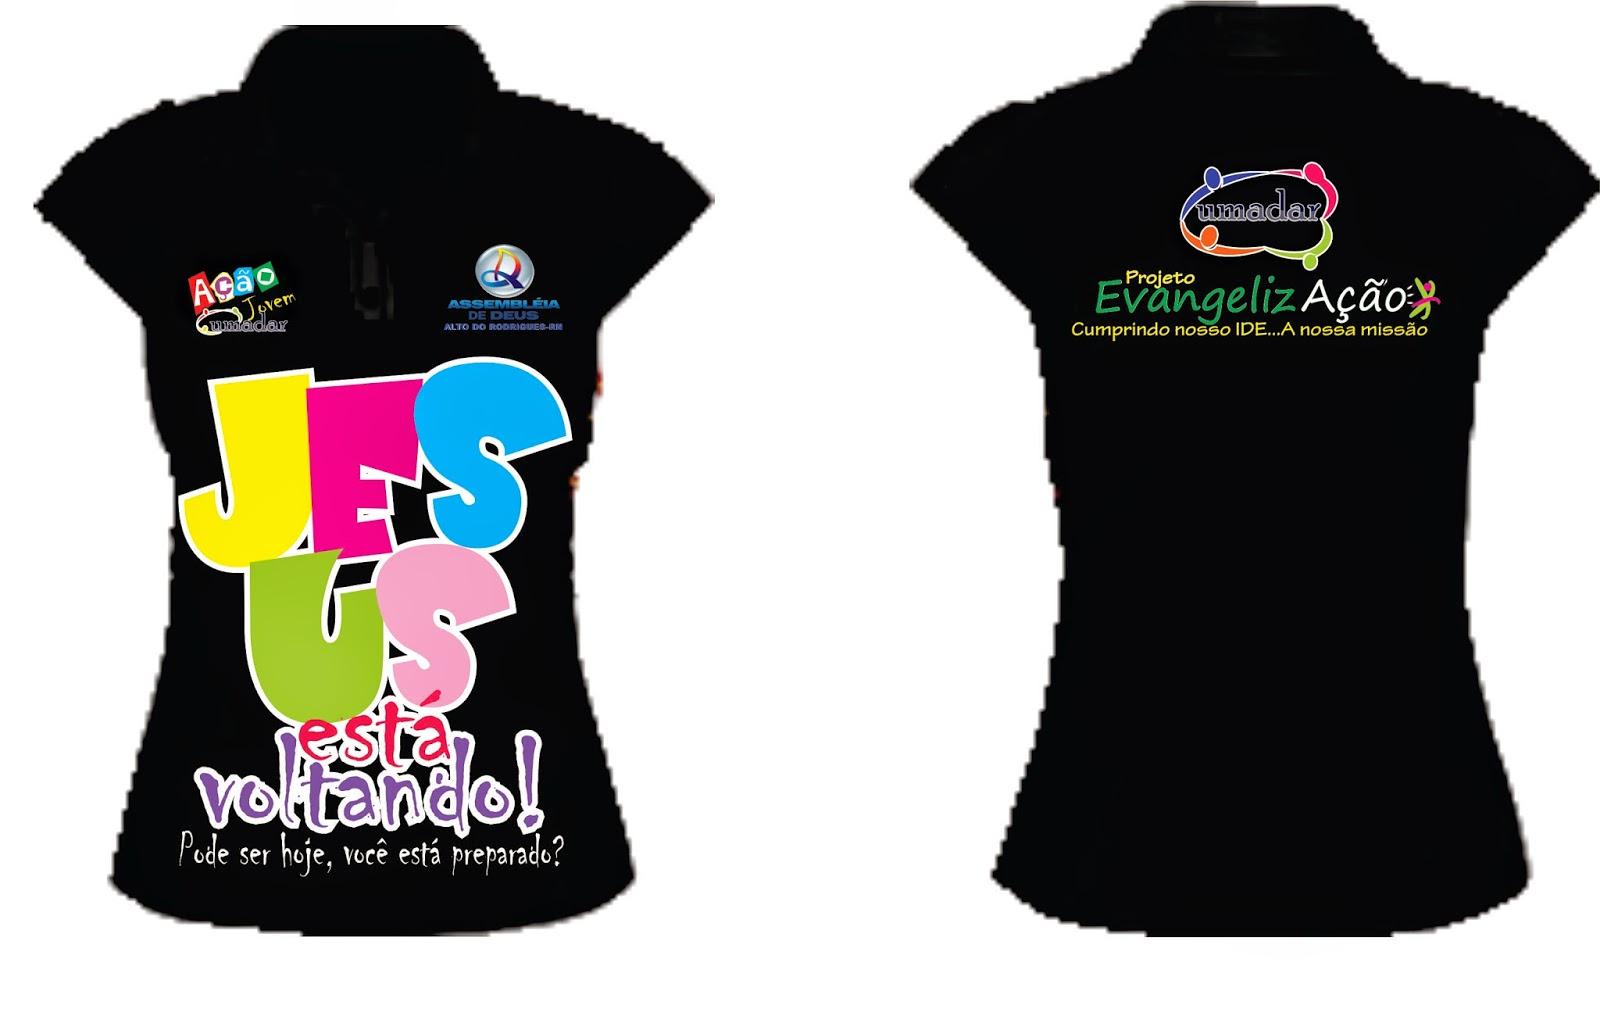 2bba186b7 Adquira já sua camiseta para o evangelismo